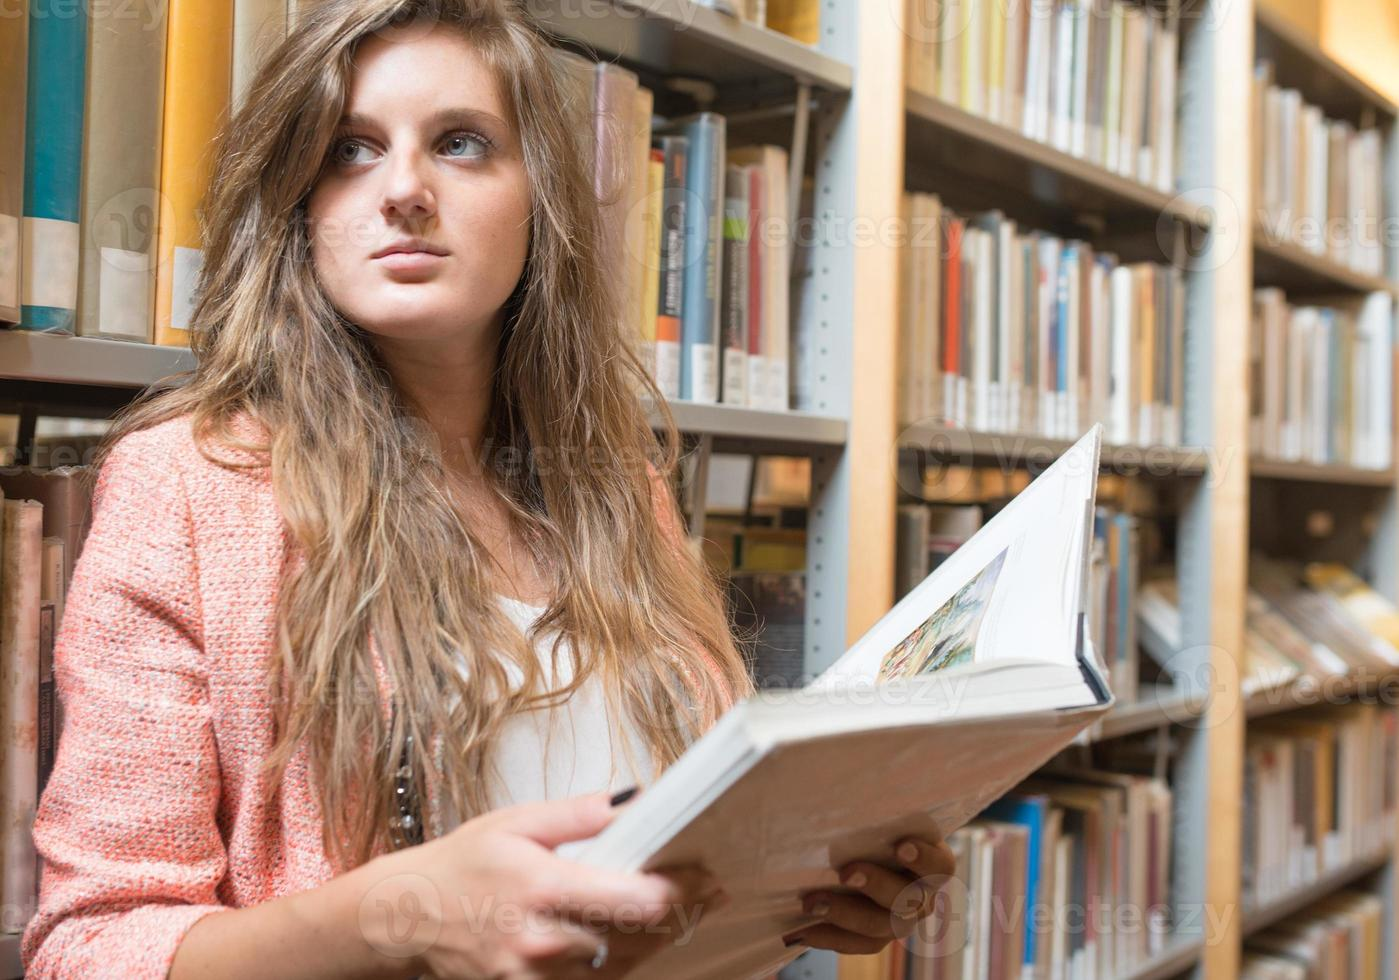 Porträt eines hübschen Mädchens in einer Bibliothek foto